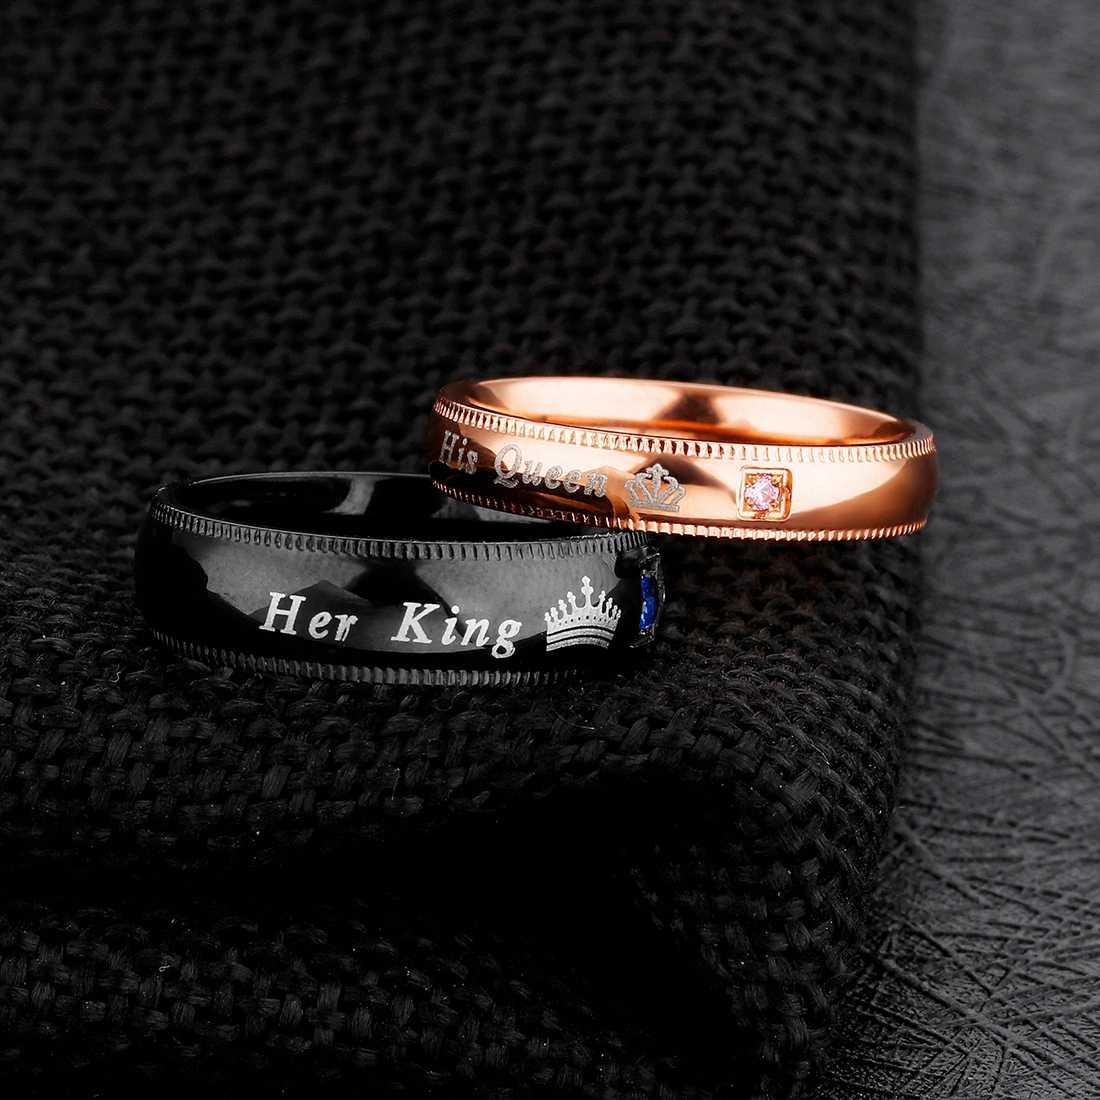 Jiayiqi модное кольцо для женщин и мужчин, ее король, его королева, нержавеющая сталь, CZ Кристалл, корона, пара, кольцо для влюбленных, ювелирное изделие, свадьба